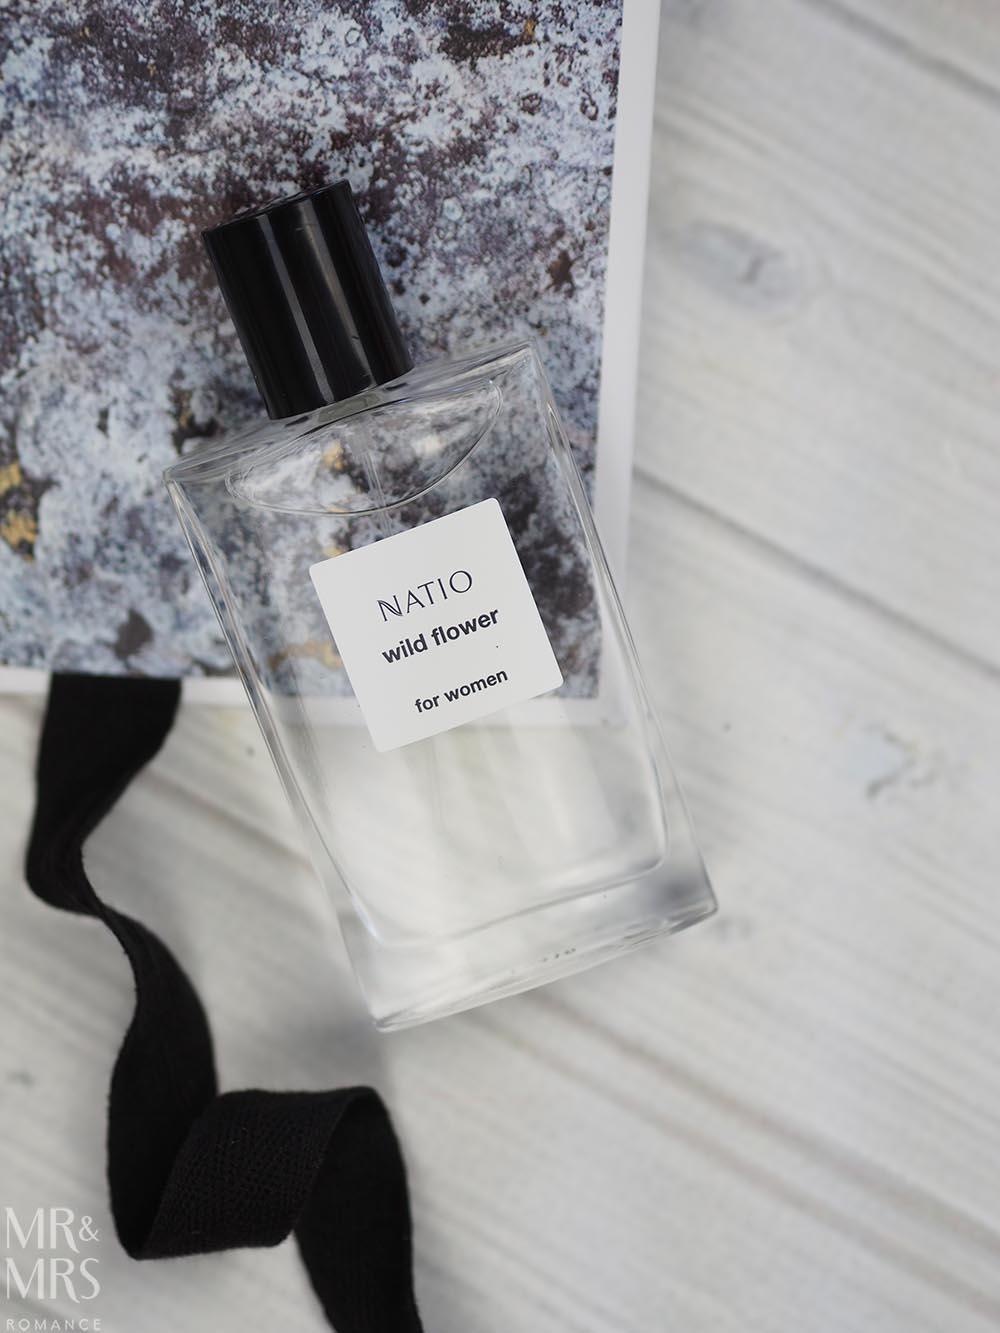 Christmas gift guide - Natio perfume